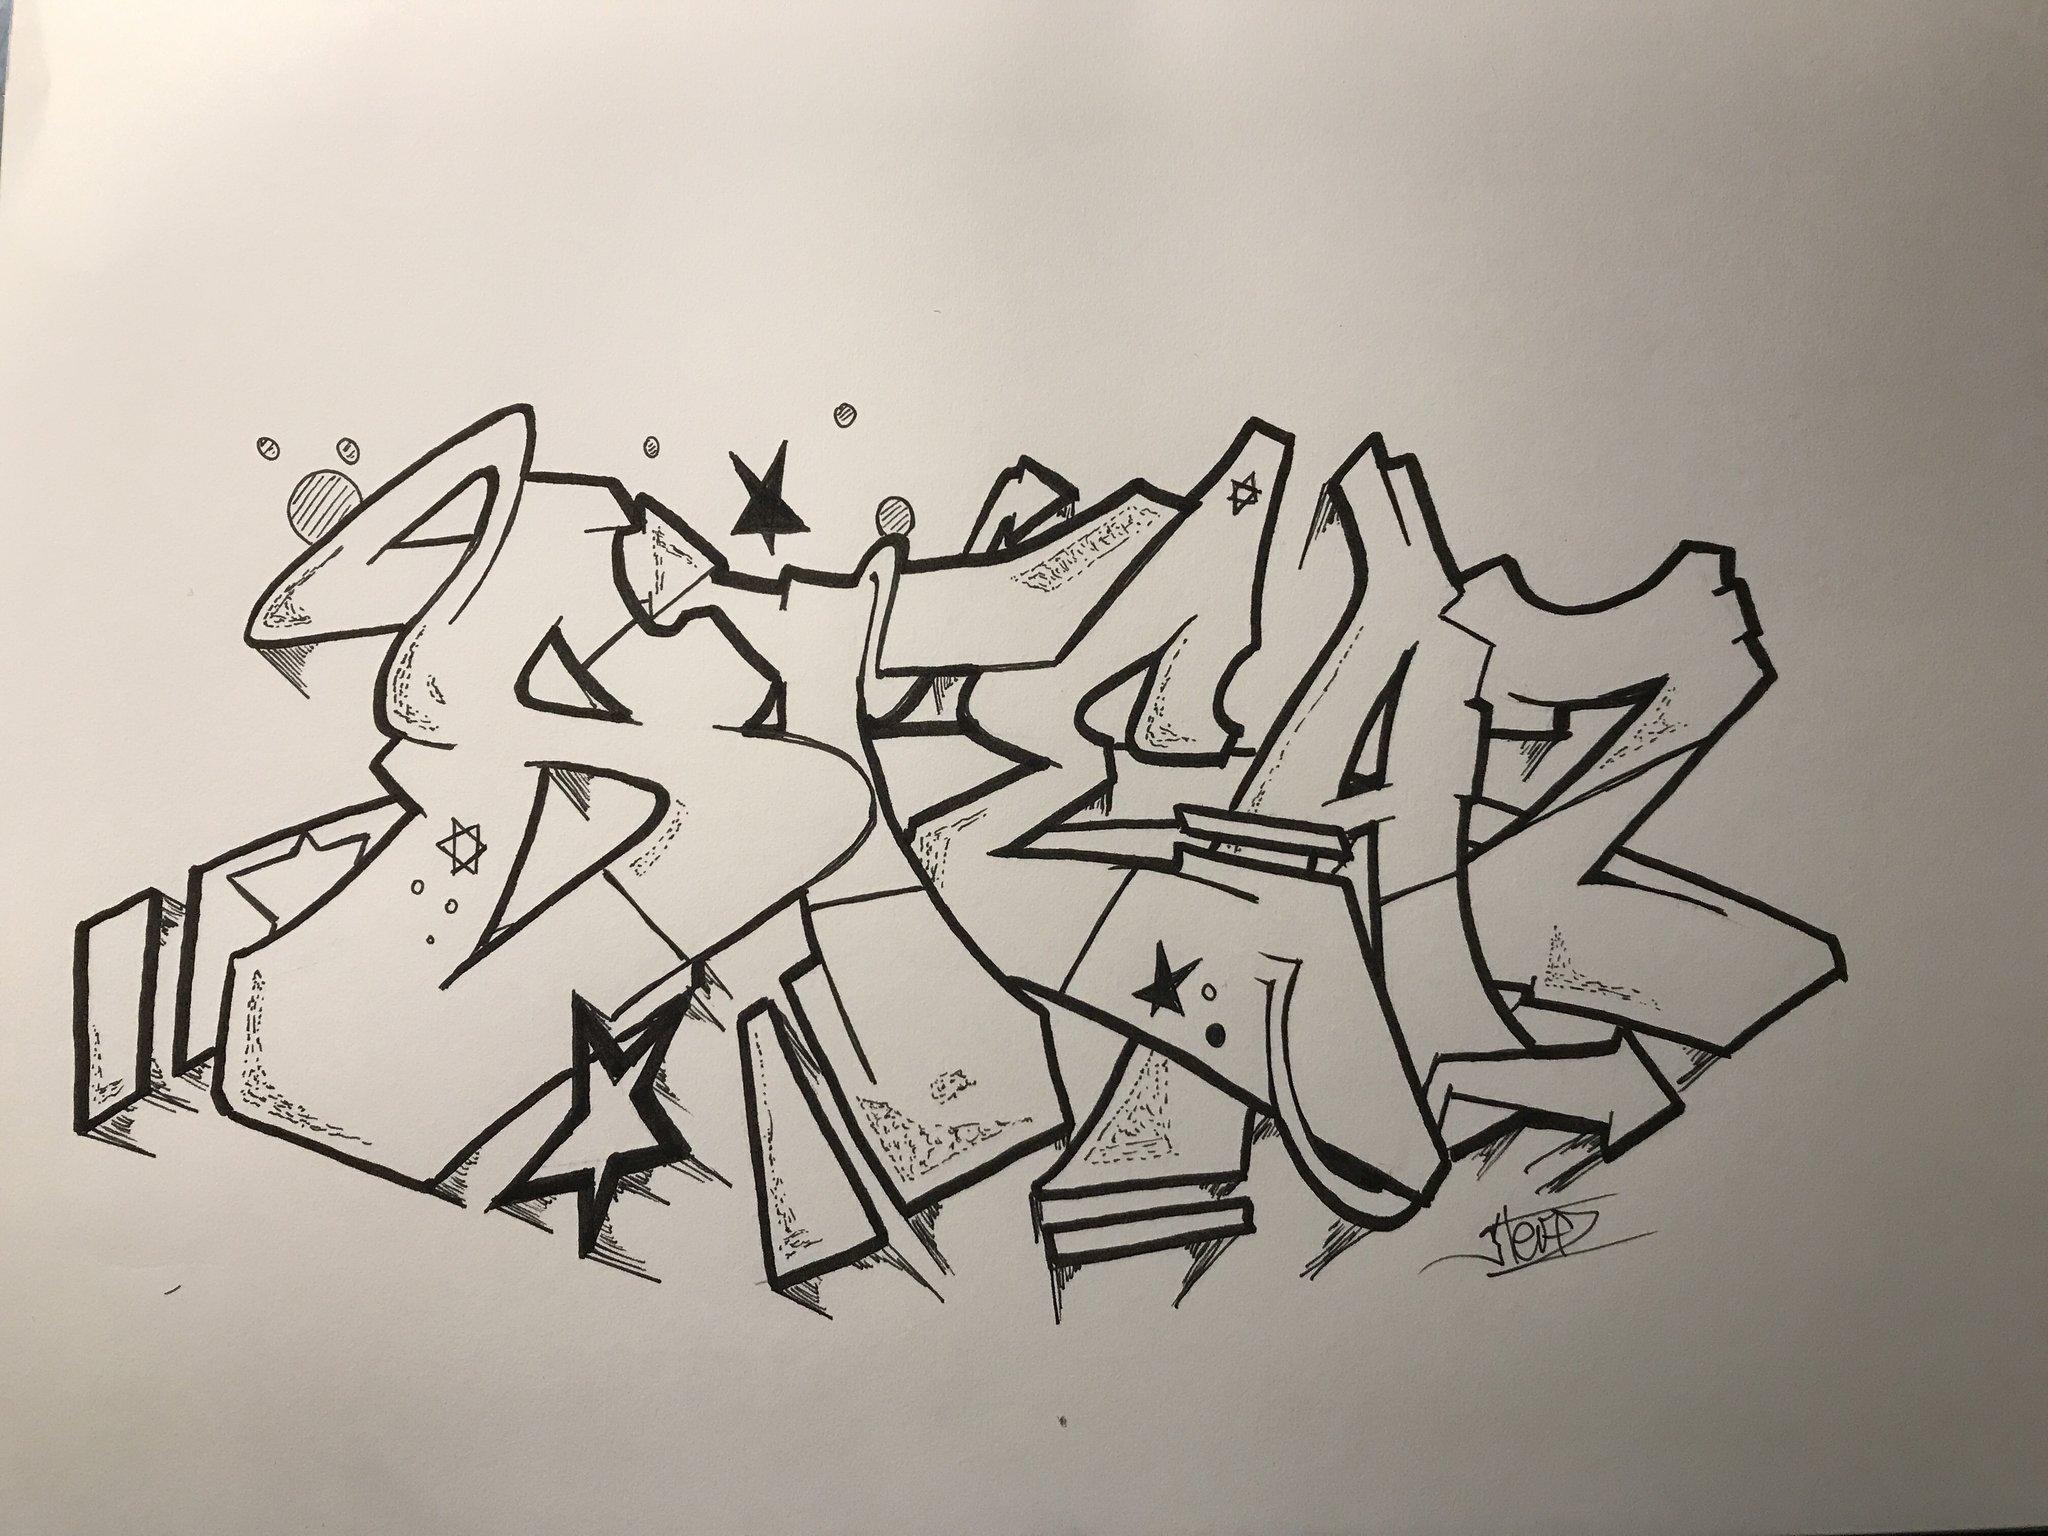 сроках картинки граффити легкие граффити нем было хранение